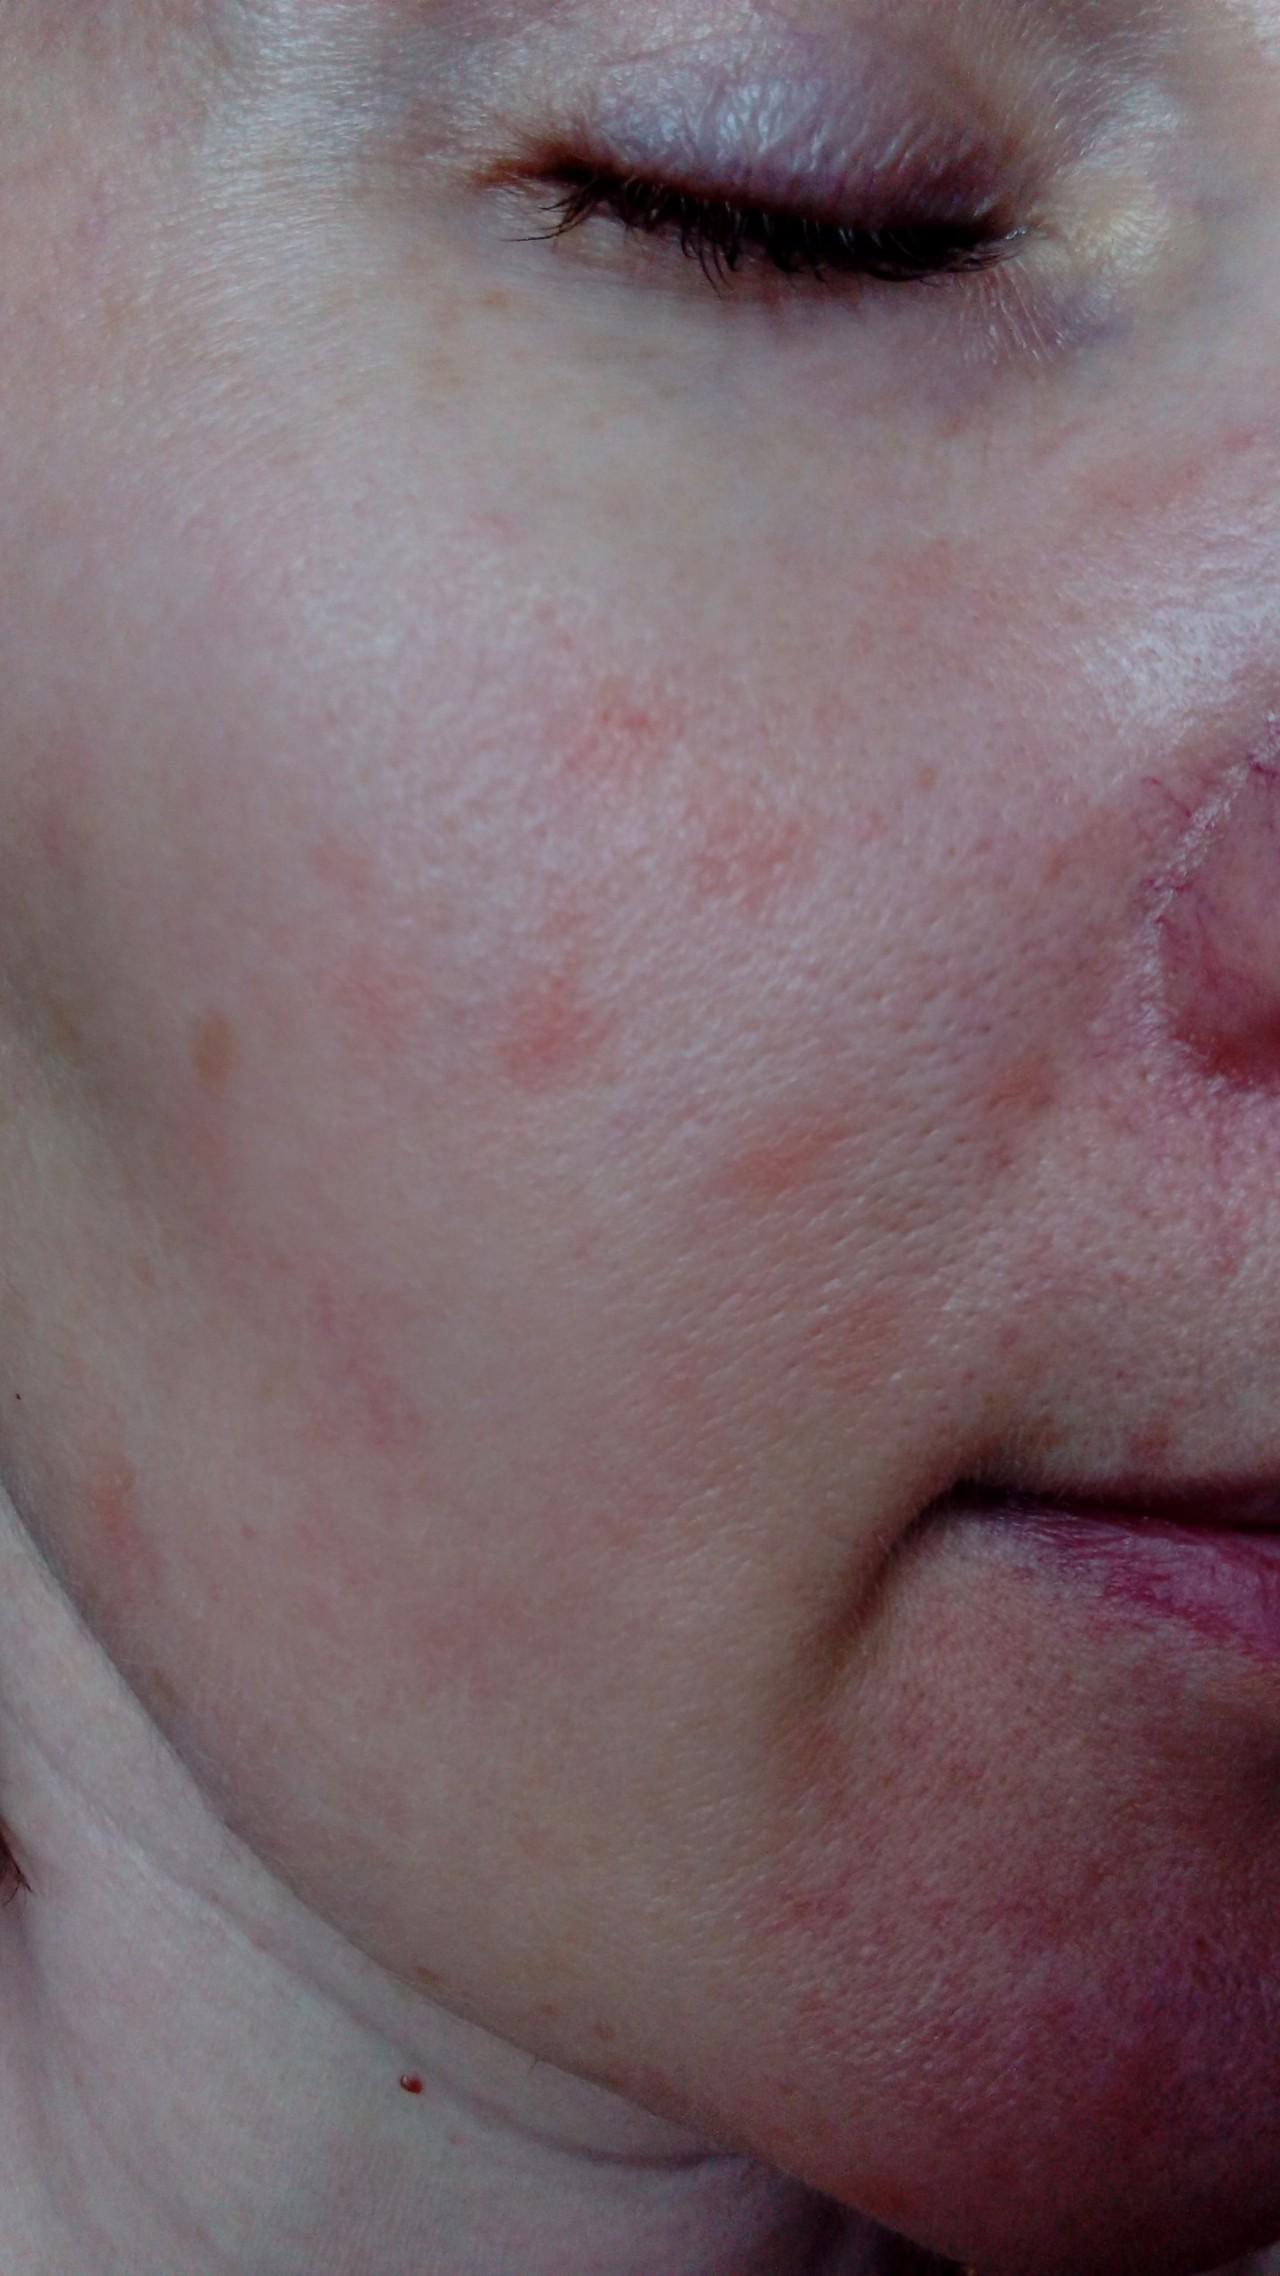 Как лечить красные шелушащиеся пятна на лице